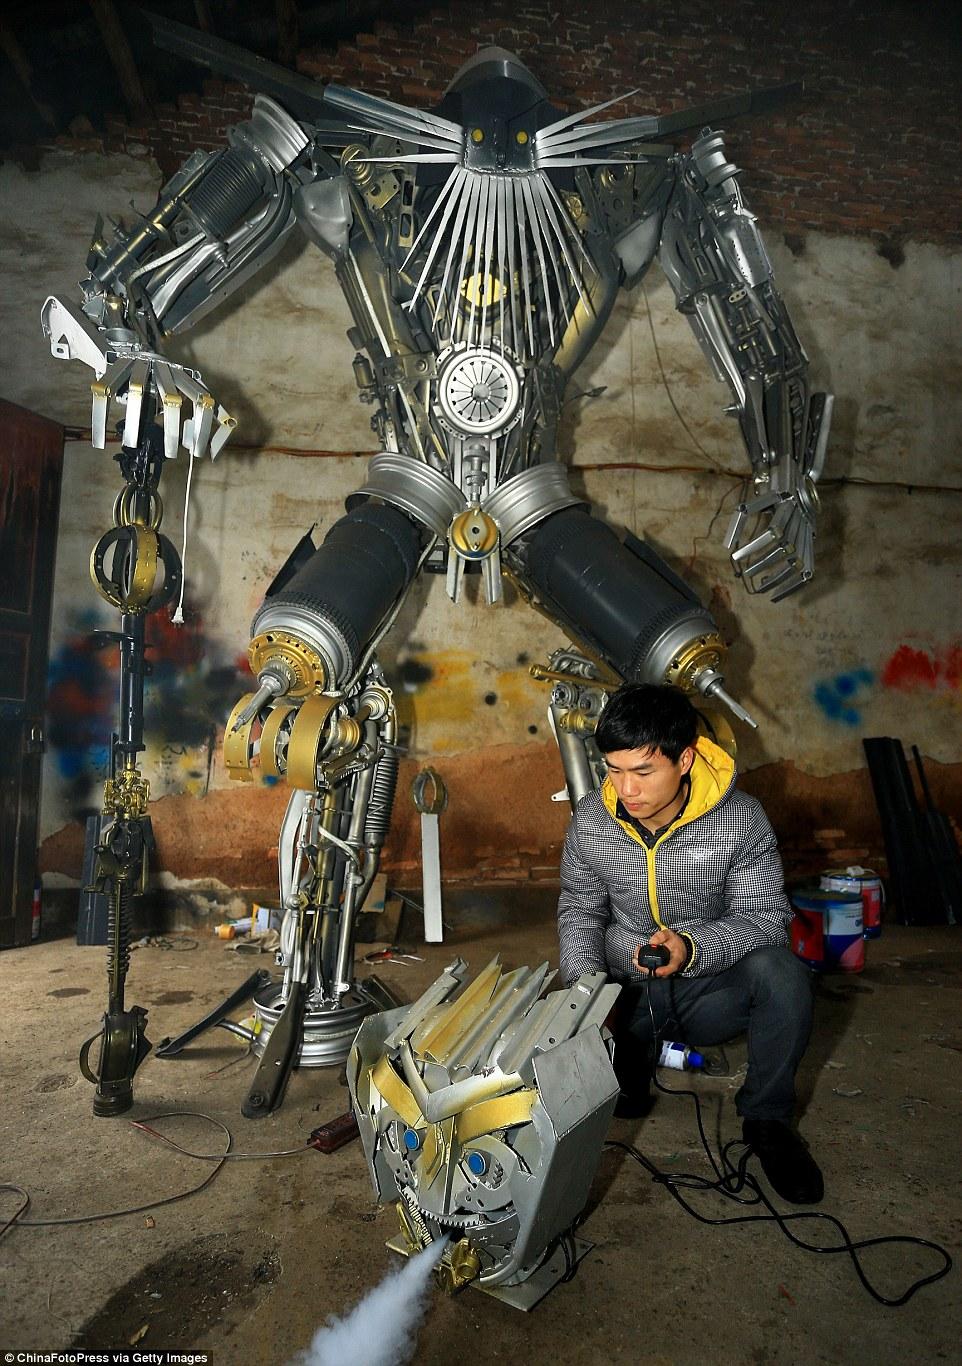 兒子余凌雲都會跟他父親用收集來的車子廢鐵在他們的鐵工廠賦予新生命。